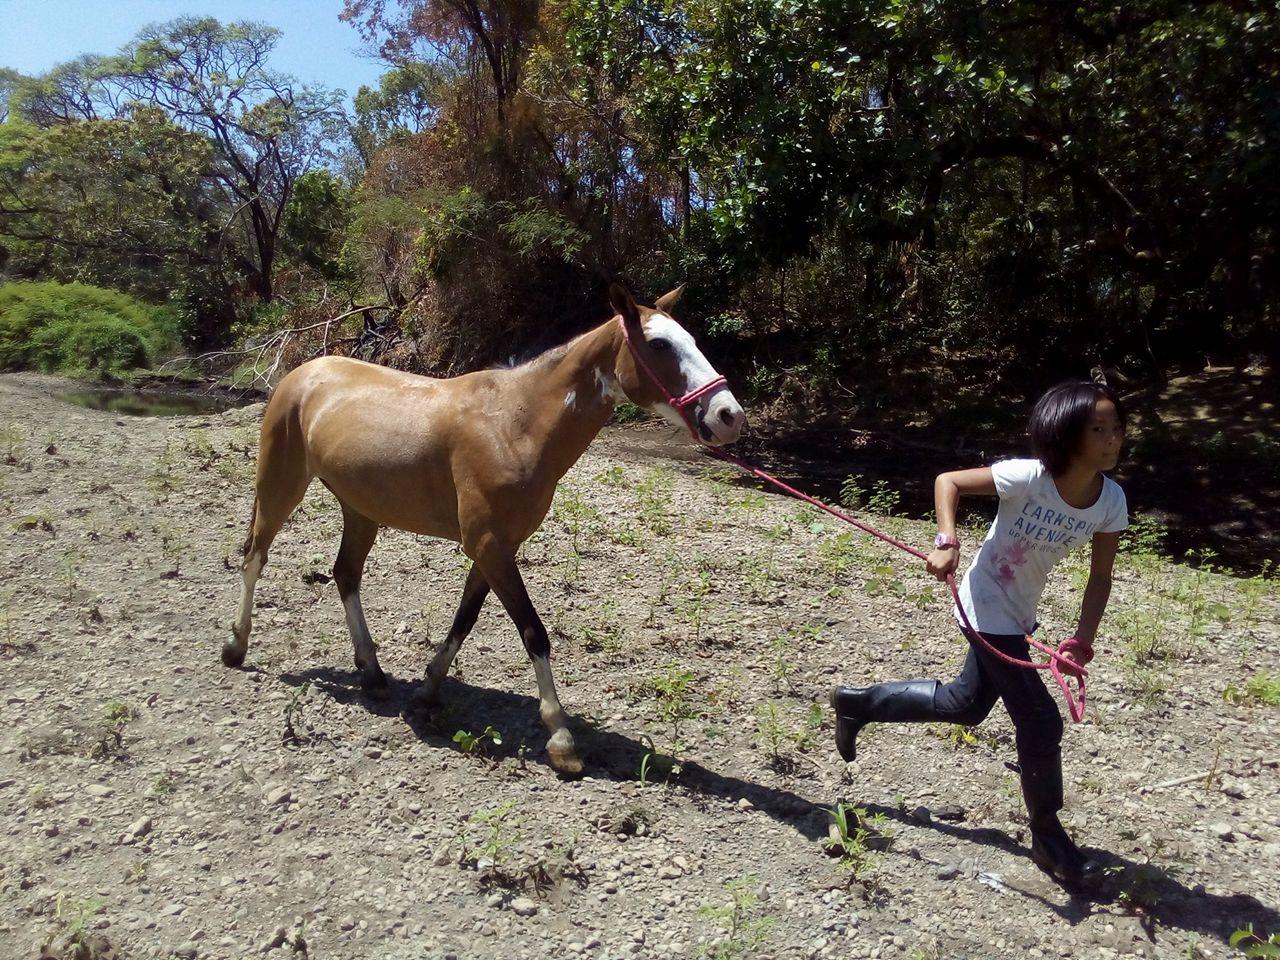 コスタリカ在住5年目、海外在住7年目。5年目にしてここでの生活が定着してきた感じがあります。11歳になる娘もインターナショナルのシュタイナー学校に通い、私も仕事が充実してきて、大自然の中で世界中の人たちに囲まれ、二人ともありがたく生活をエンジョイしています。念願の馬も飼い始め、11歳の娘も逞しいジャングル・ガールに育っています!